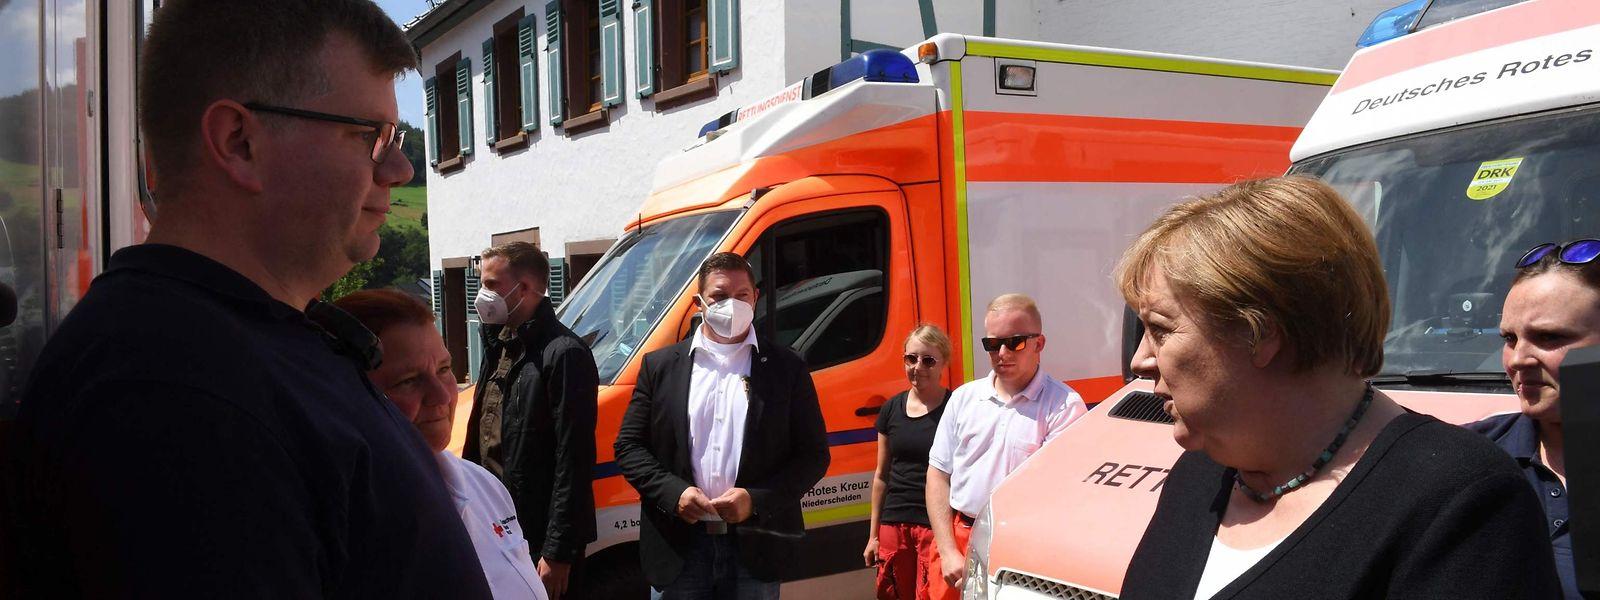 Angela Merkel im Gespräch mit Helfern des Roten Kreuzes.